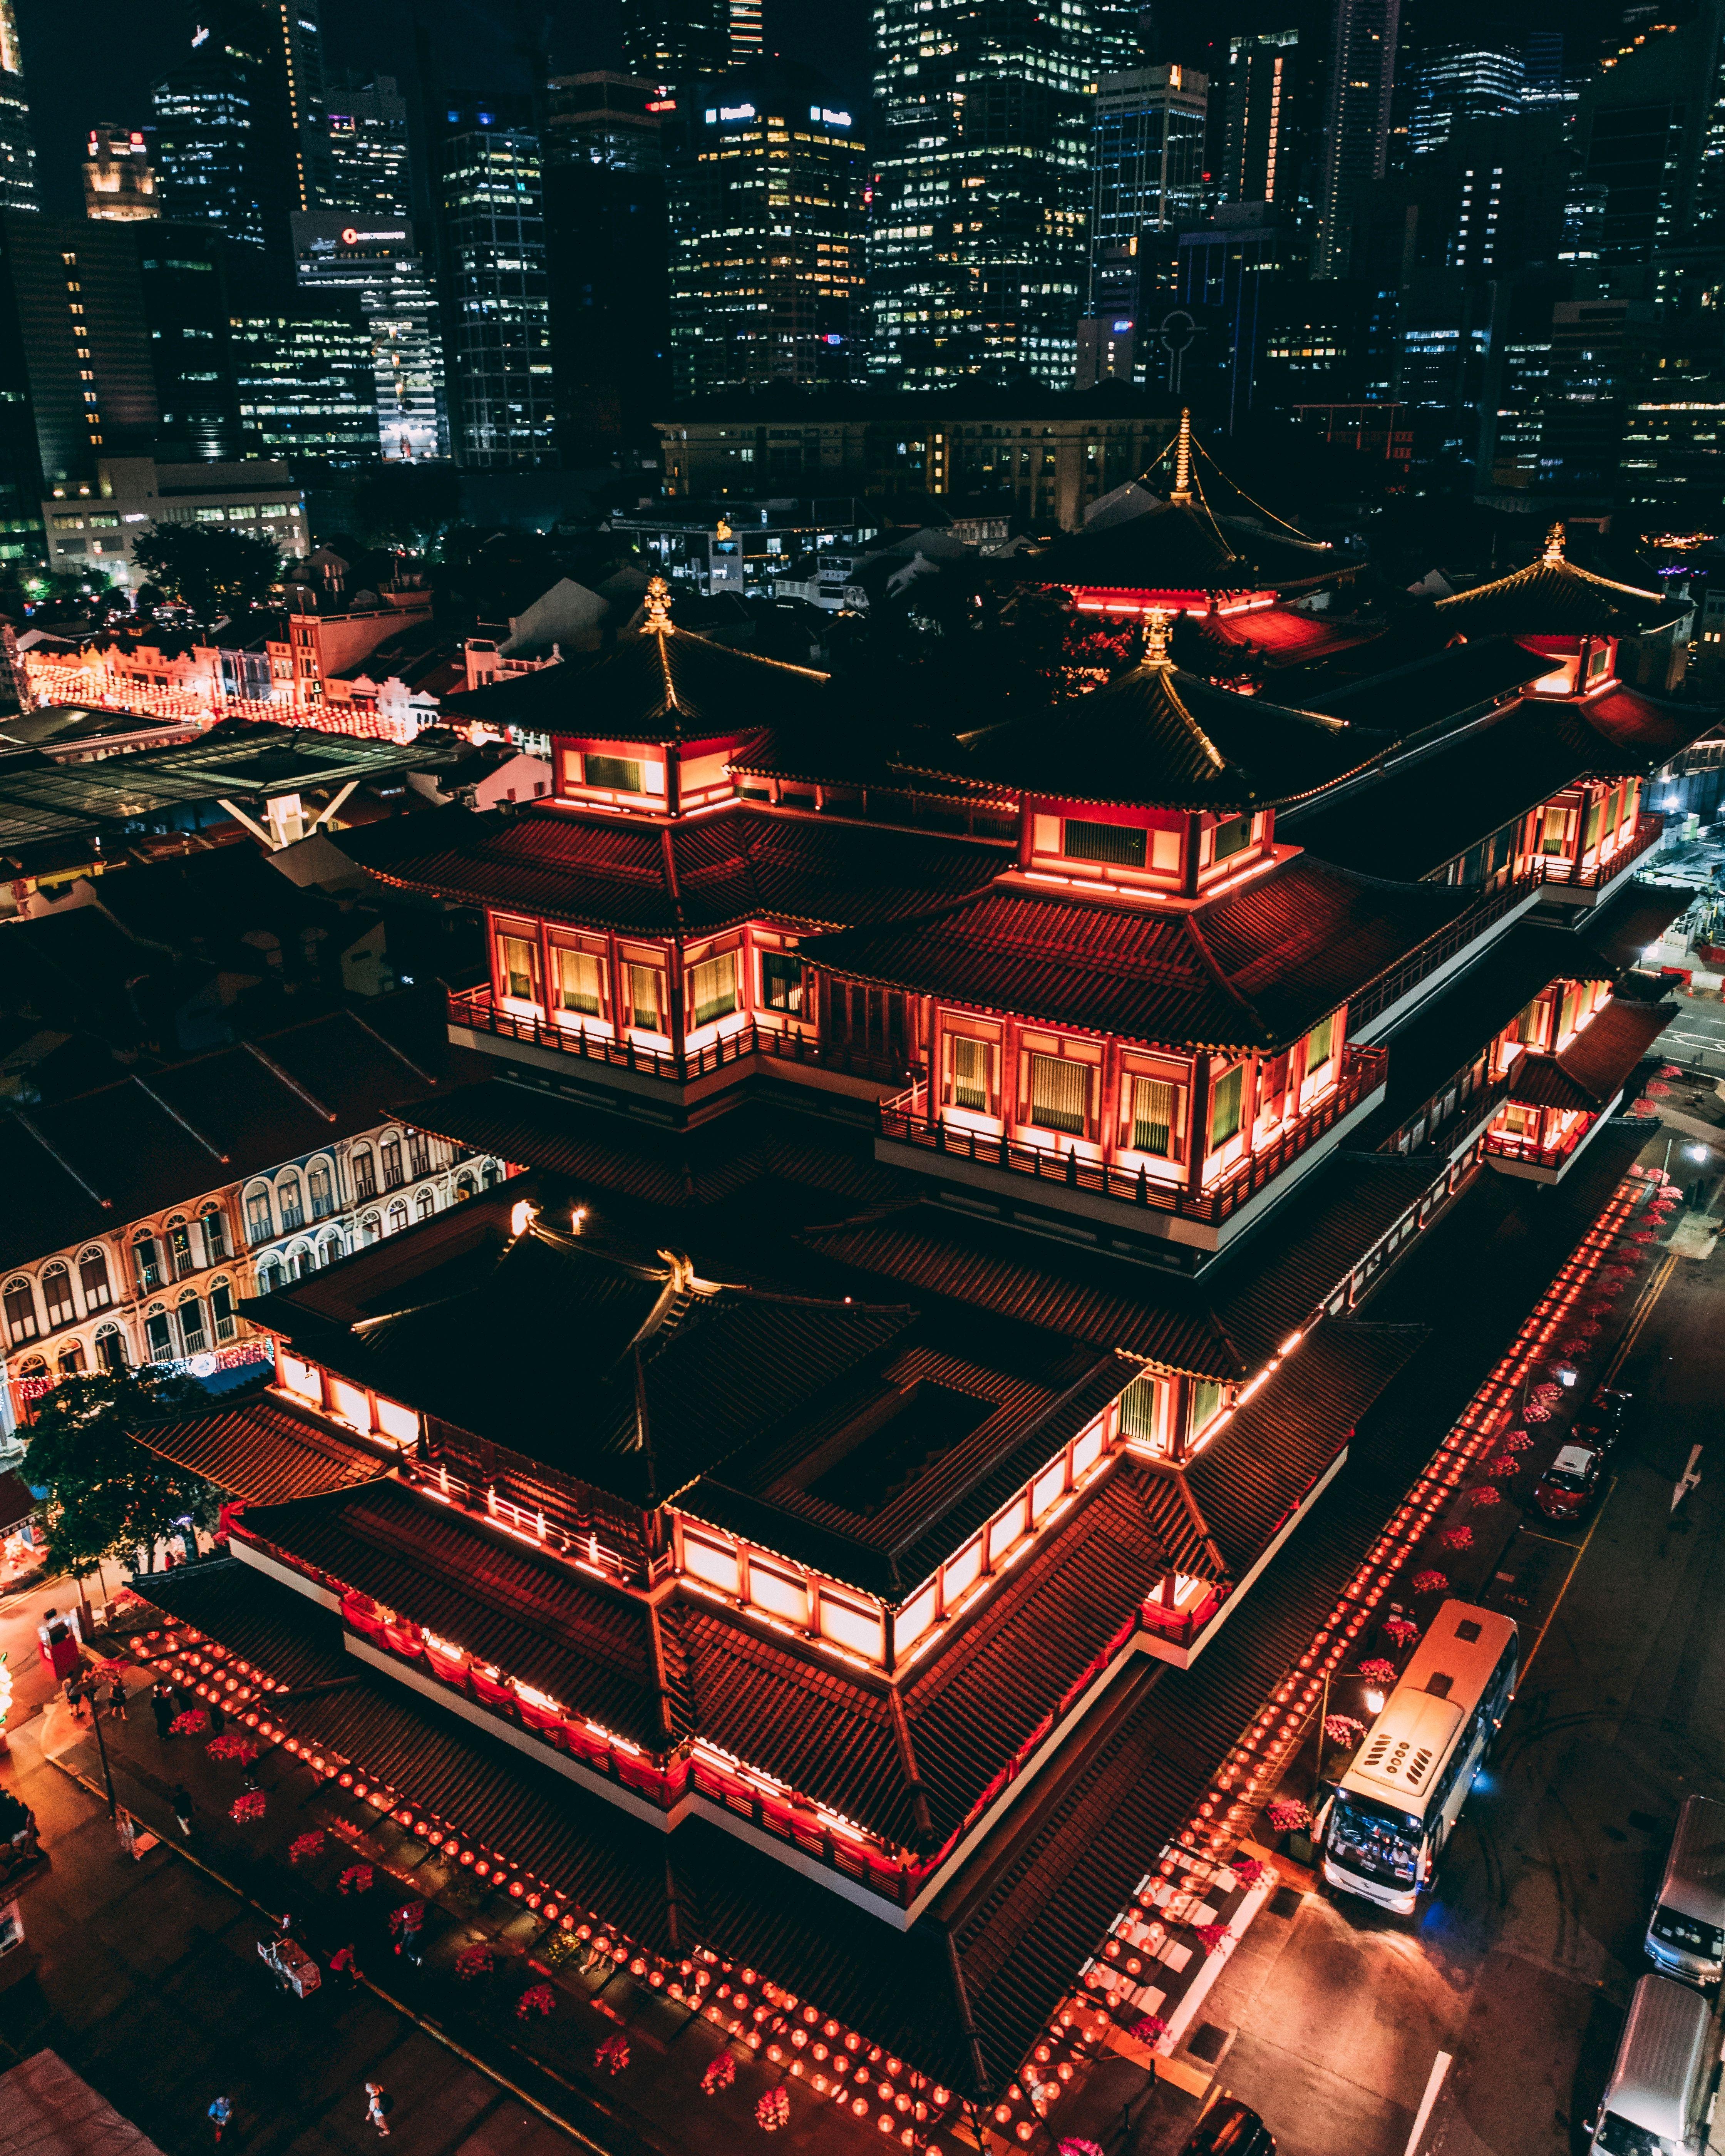 112108 Заставки и Обои Архитектура на телефон. Скачать Китай, Города, Архитектура, Вид Сверху, Ночной Город, Пагода, Крыши картинки бесплатно